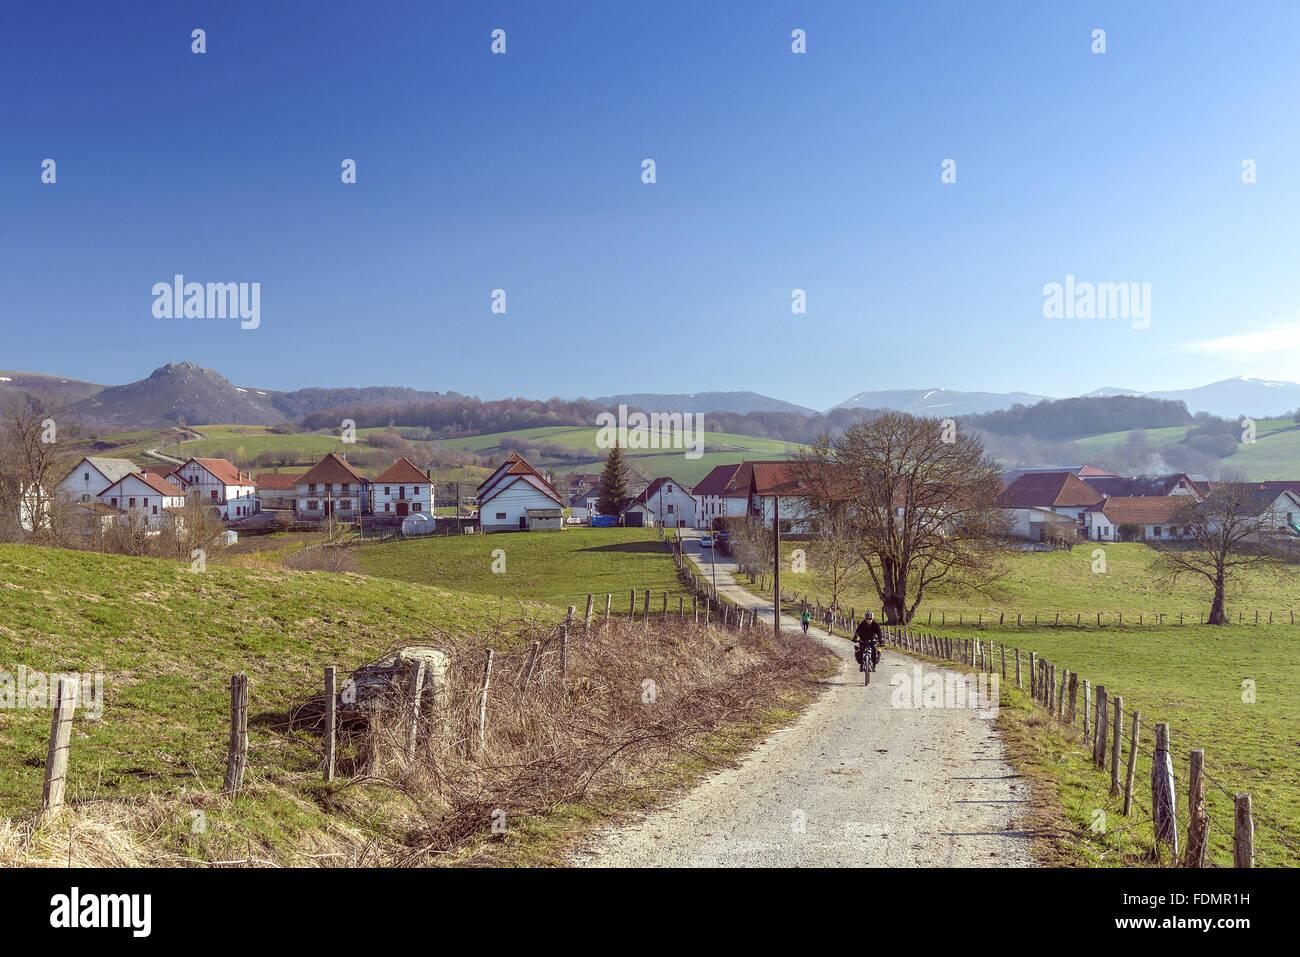 French route of the Camino de Santiago de Compostela - Stock Image